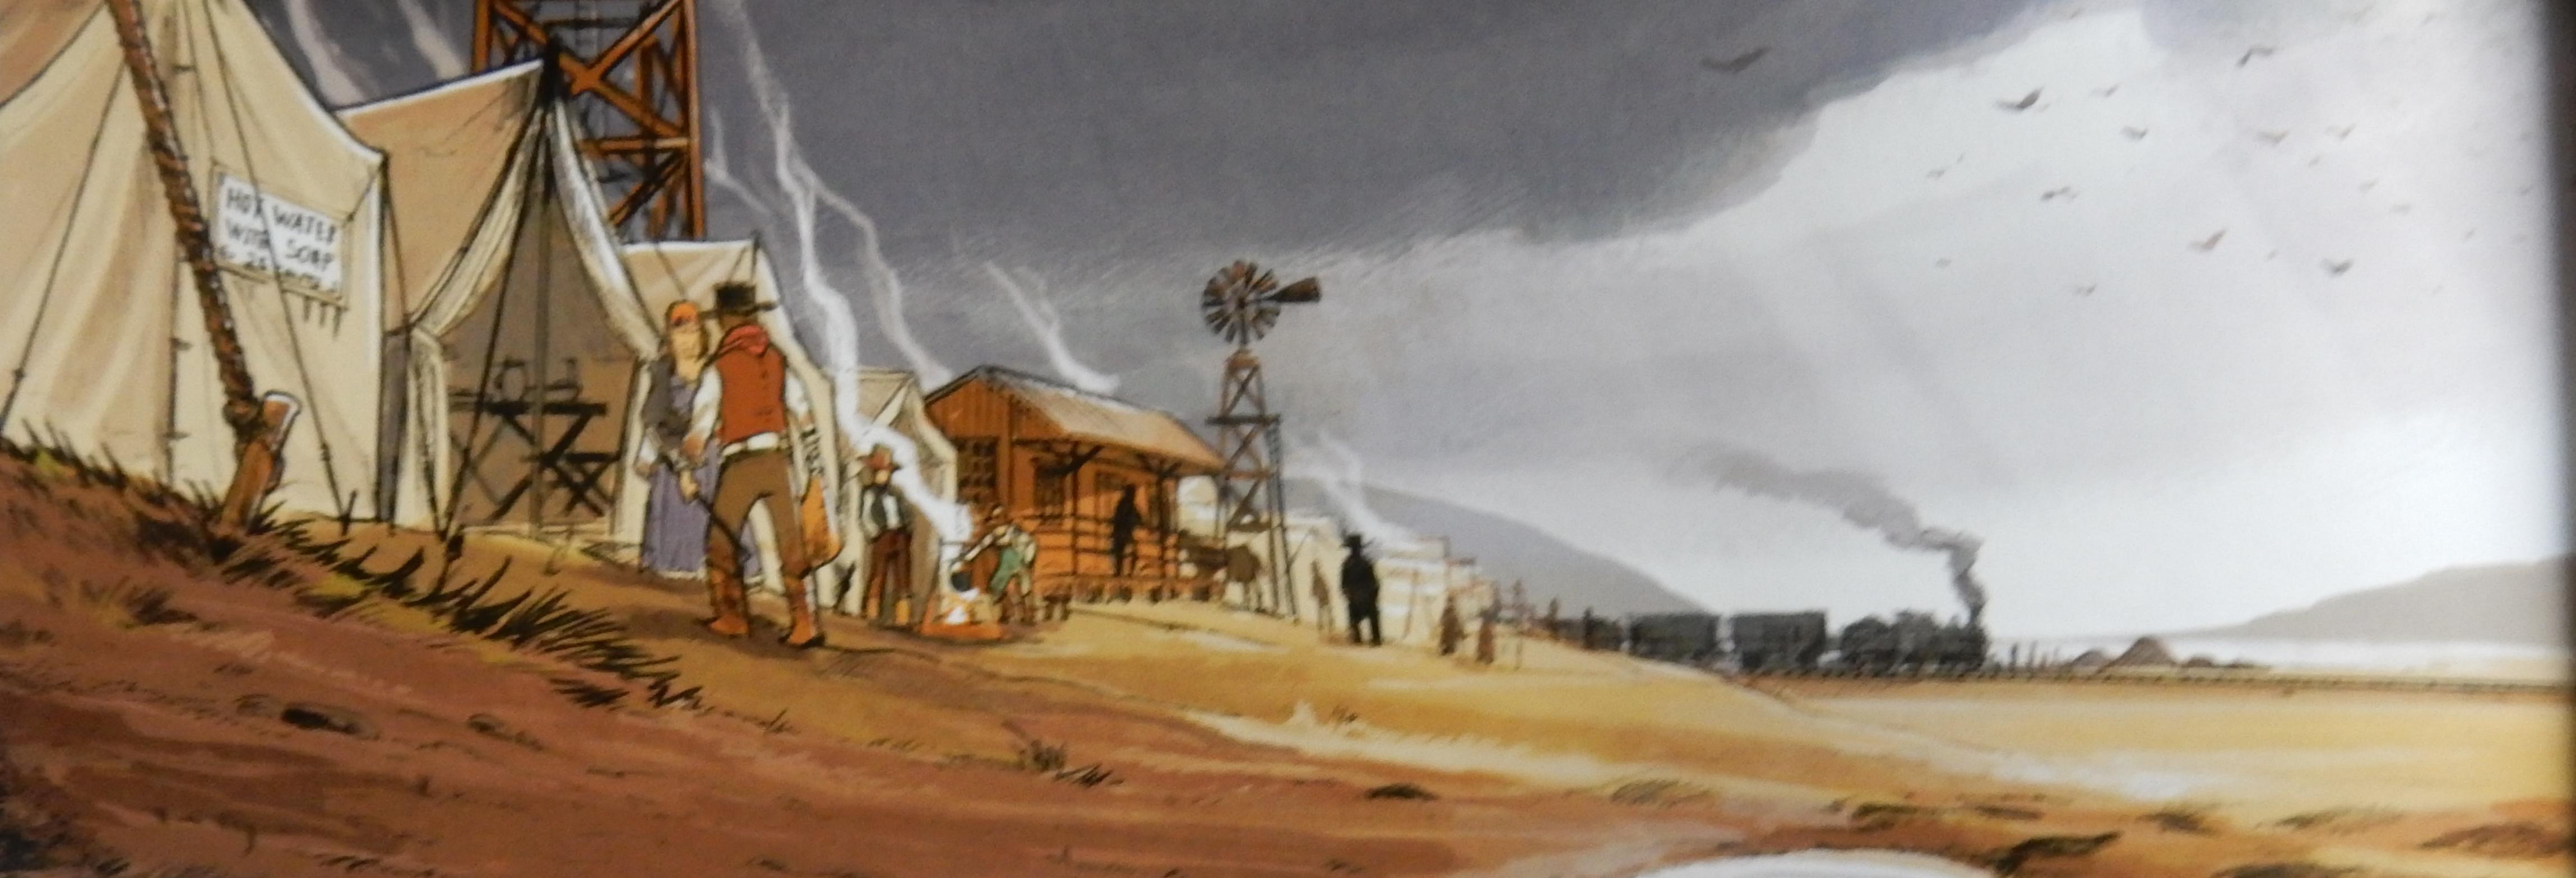 L'héritage des taironas De Cock Beauverger De la Ruqerie Tome 1 Dupuis Nevada